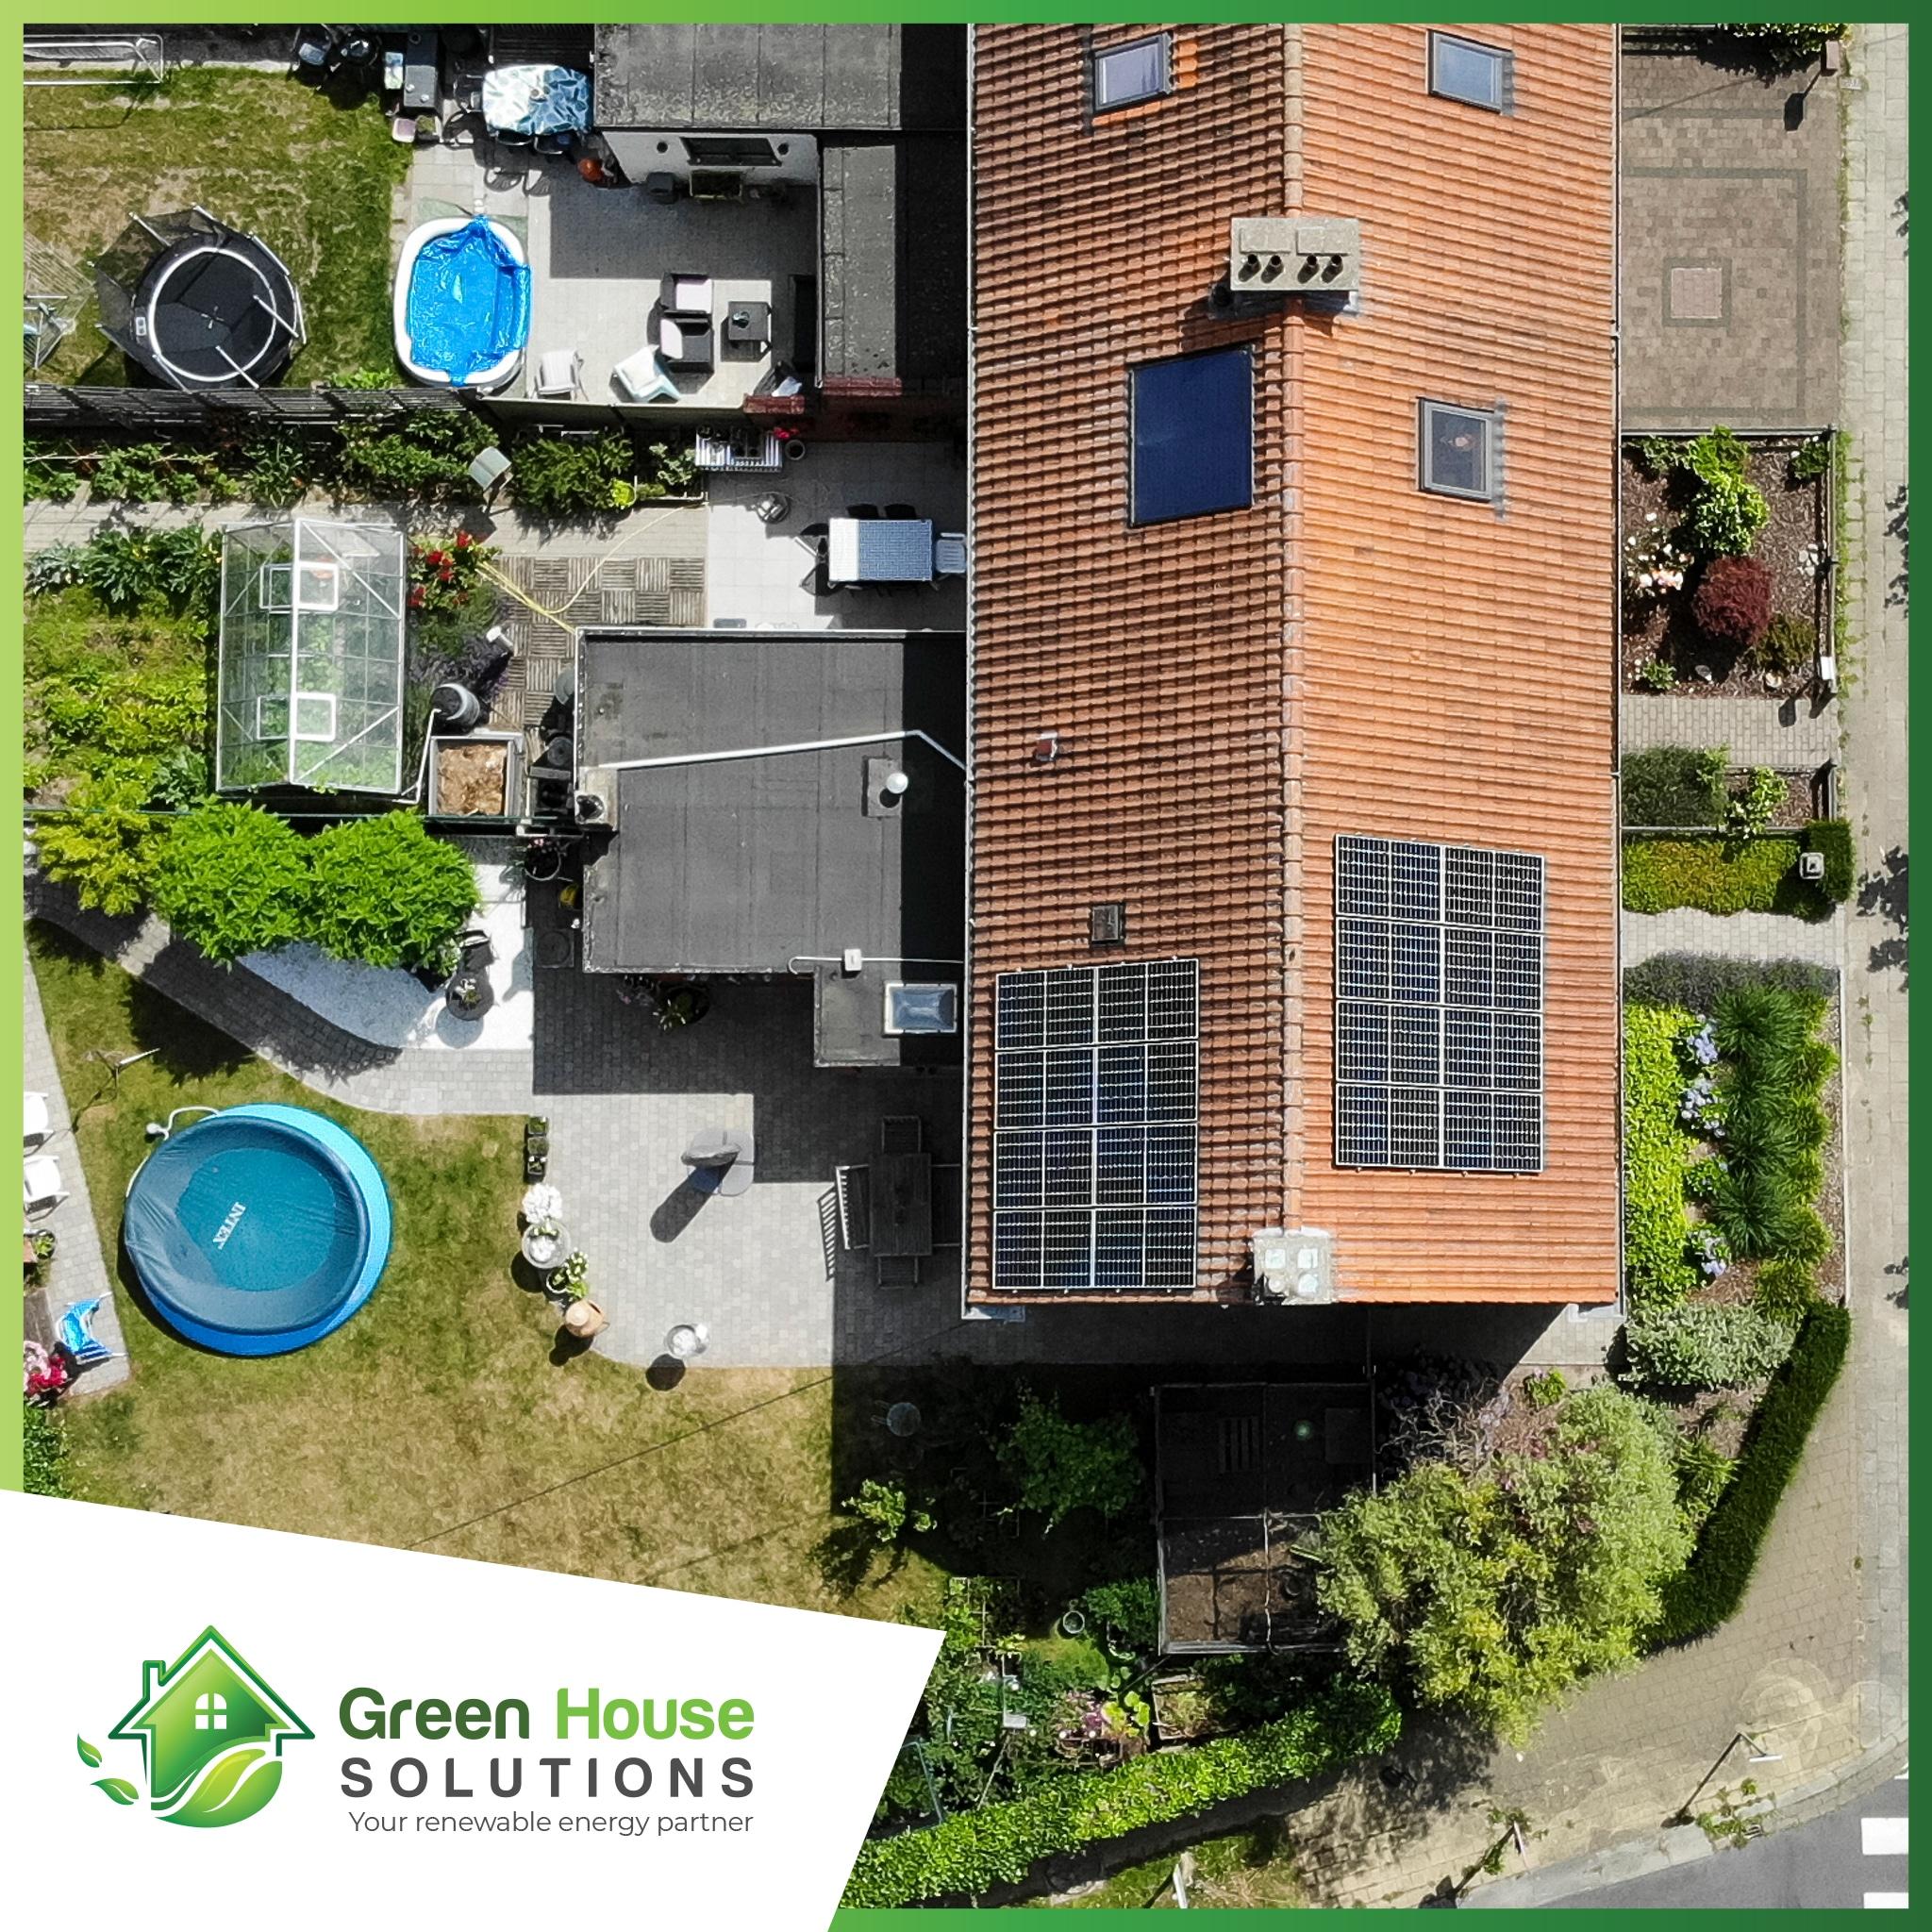 Green House Solutions zonnepanelen plaatsen installeren of kopen 00014